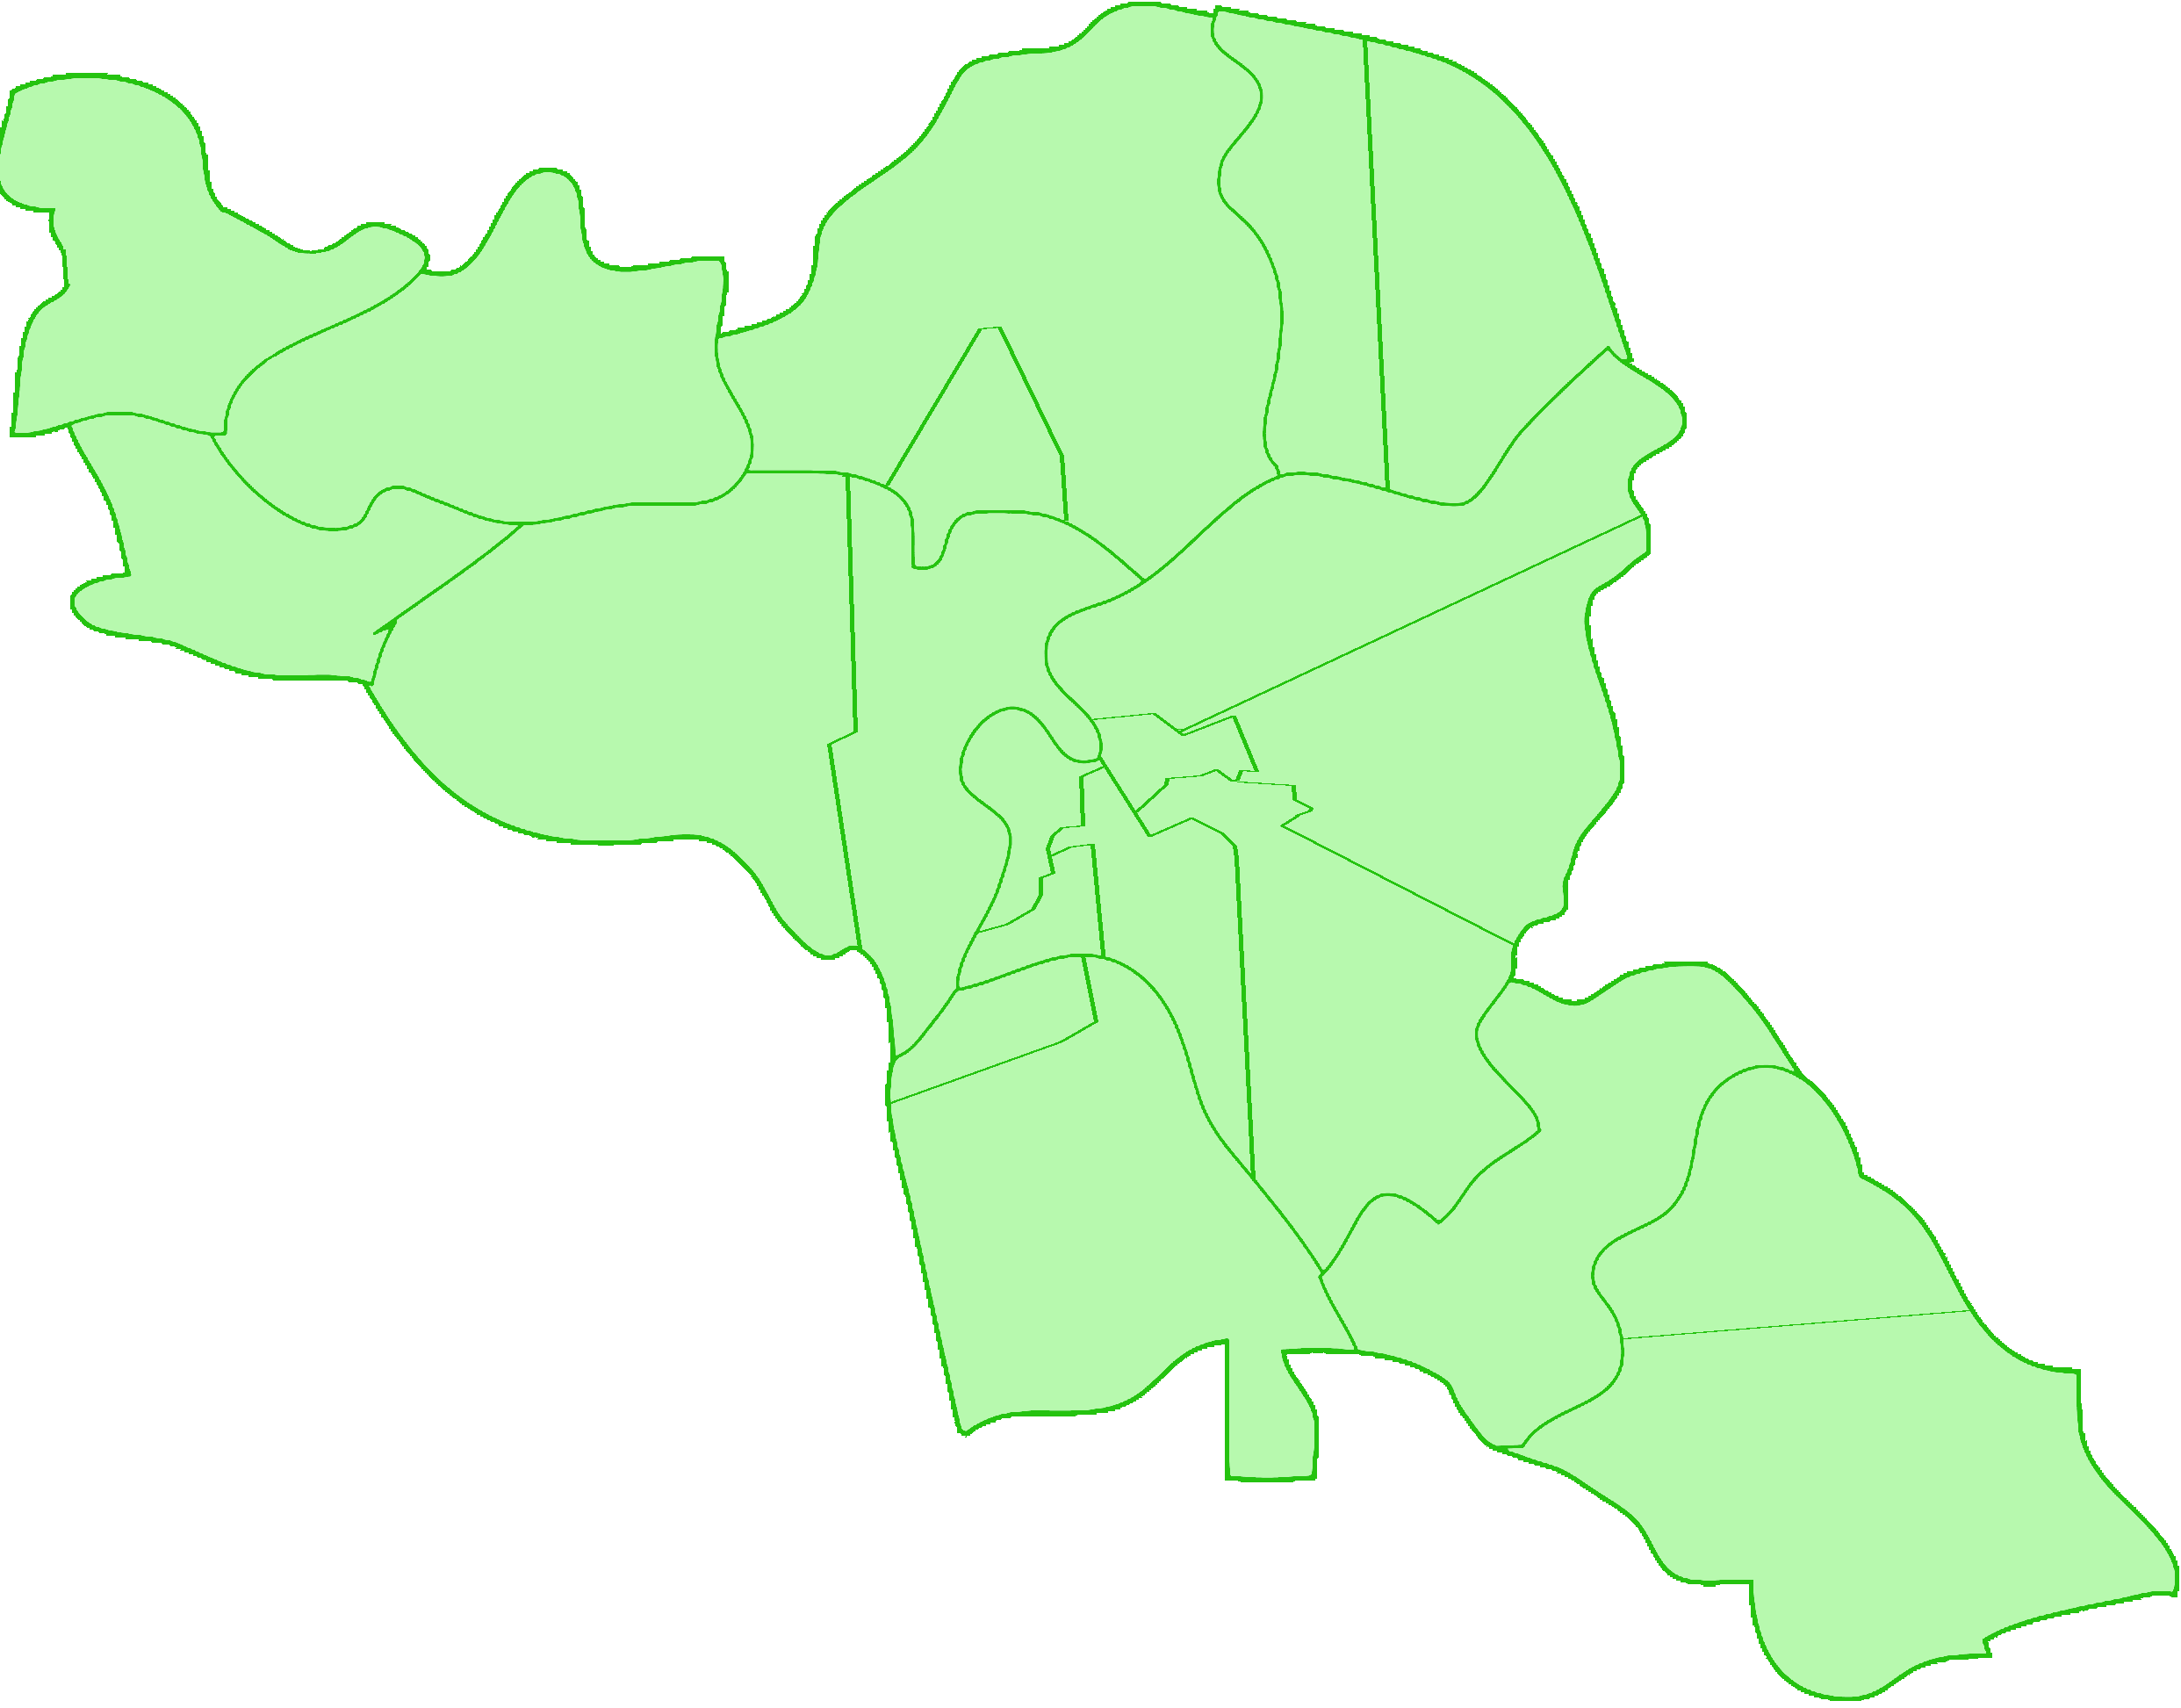 Salzkottens Wahlkreise